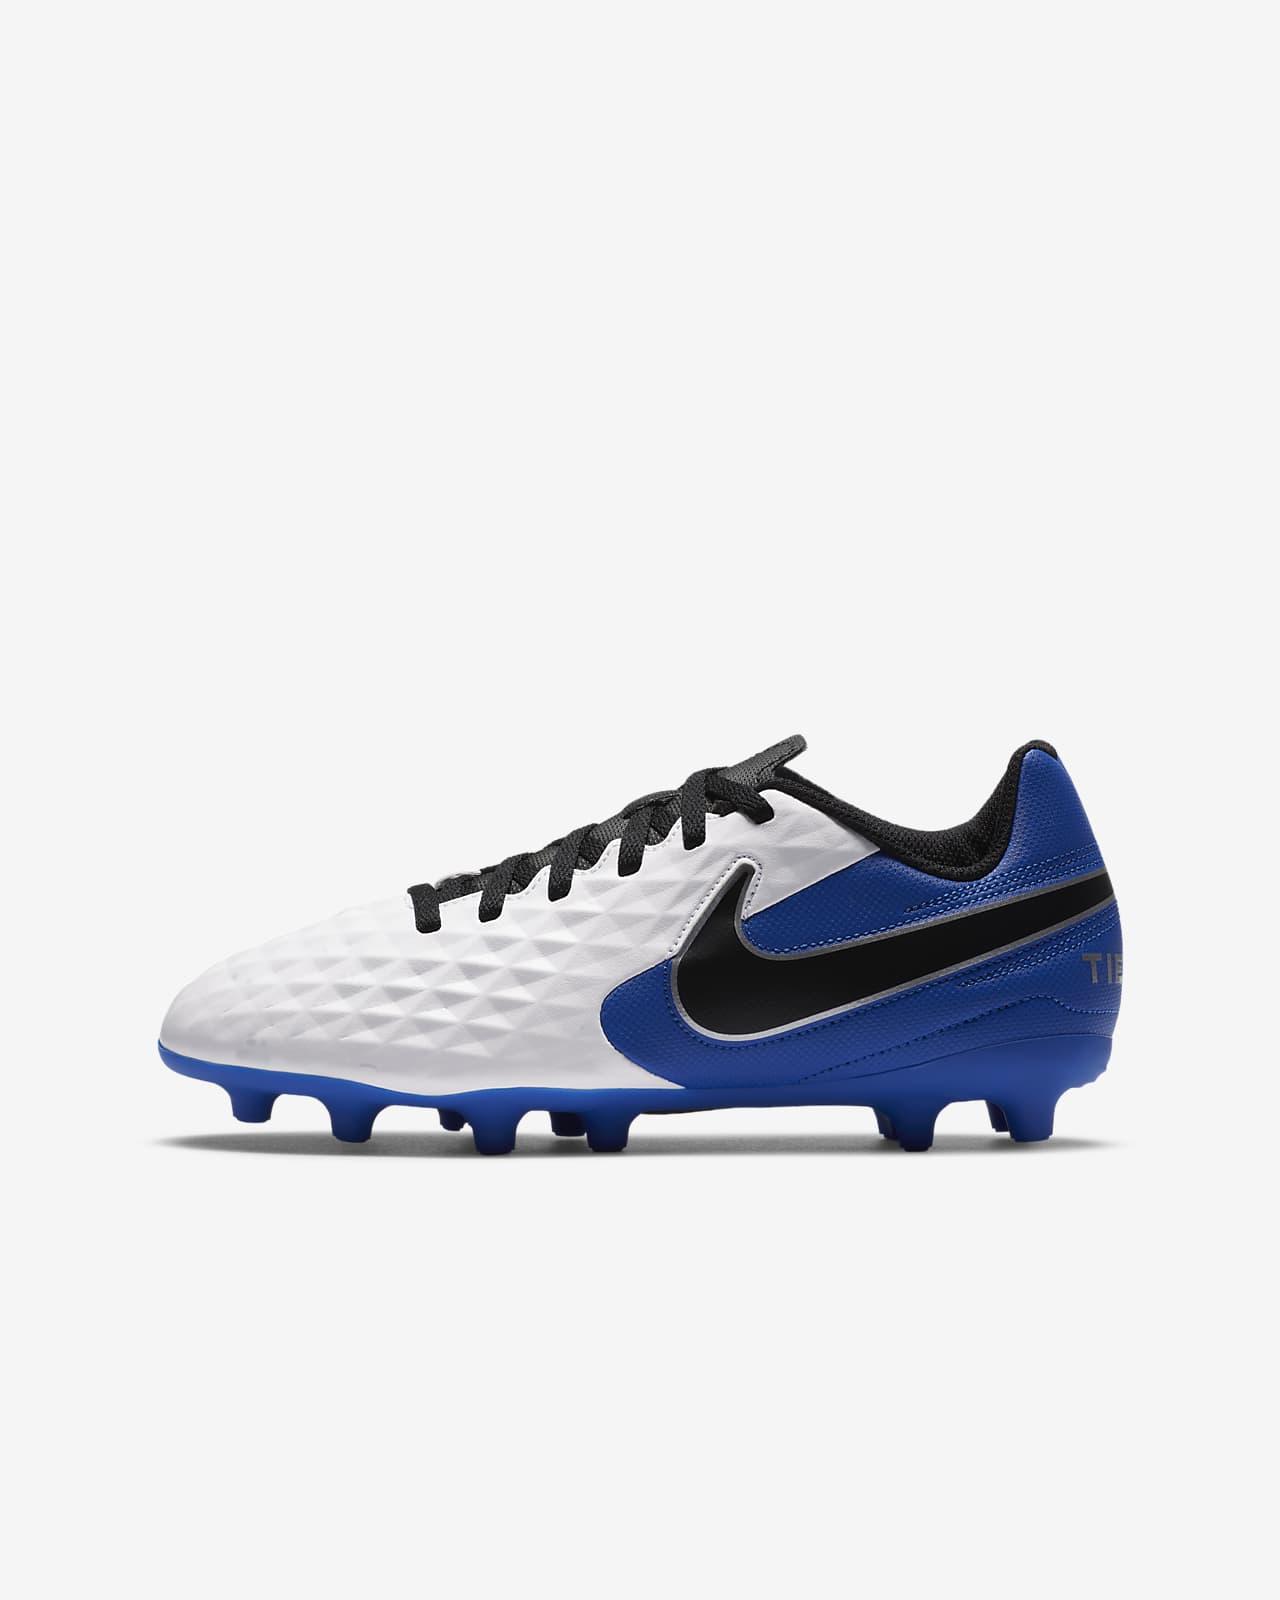 Calzado de fútbol para múltiples superficies para niños talla grande Nike Jr. Tiempo Legend 8 Club MG